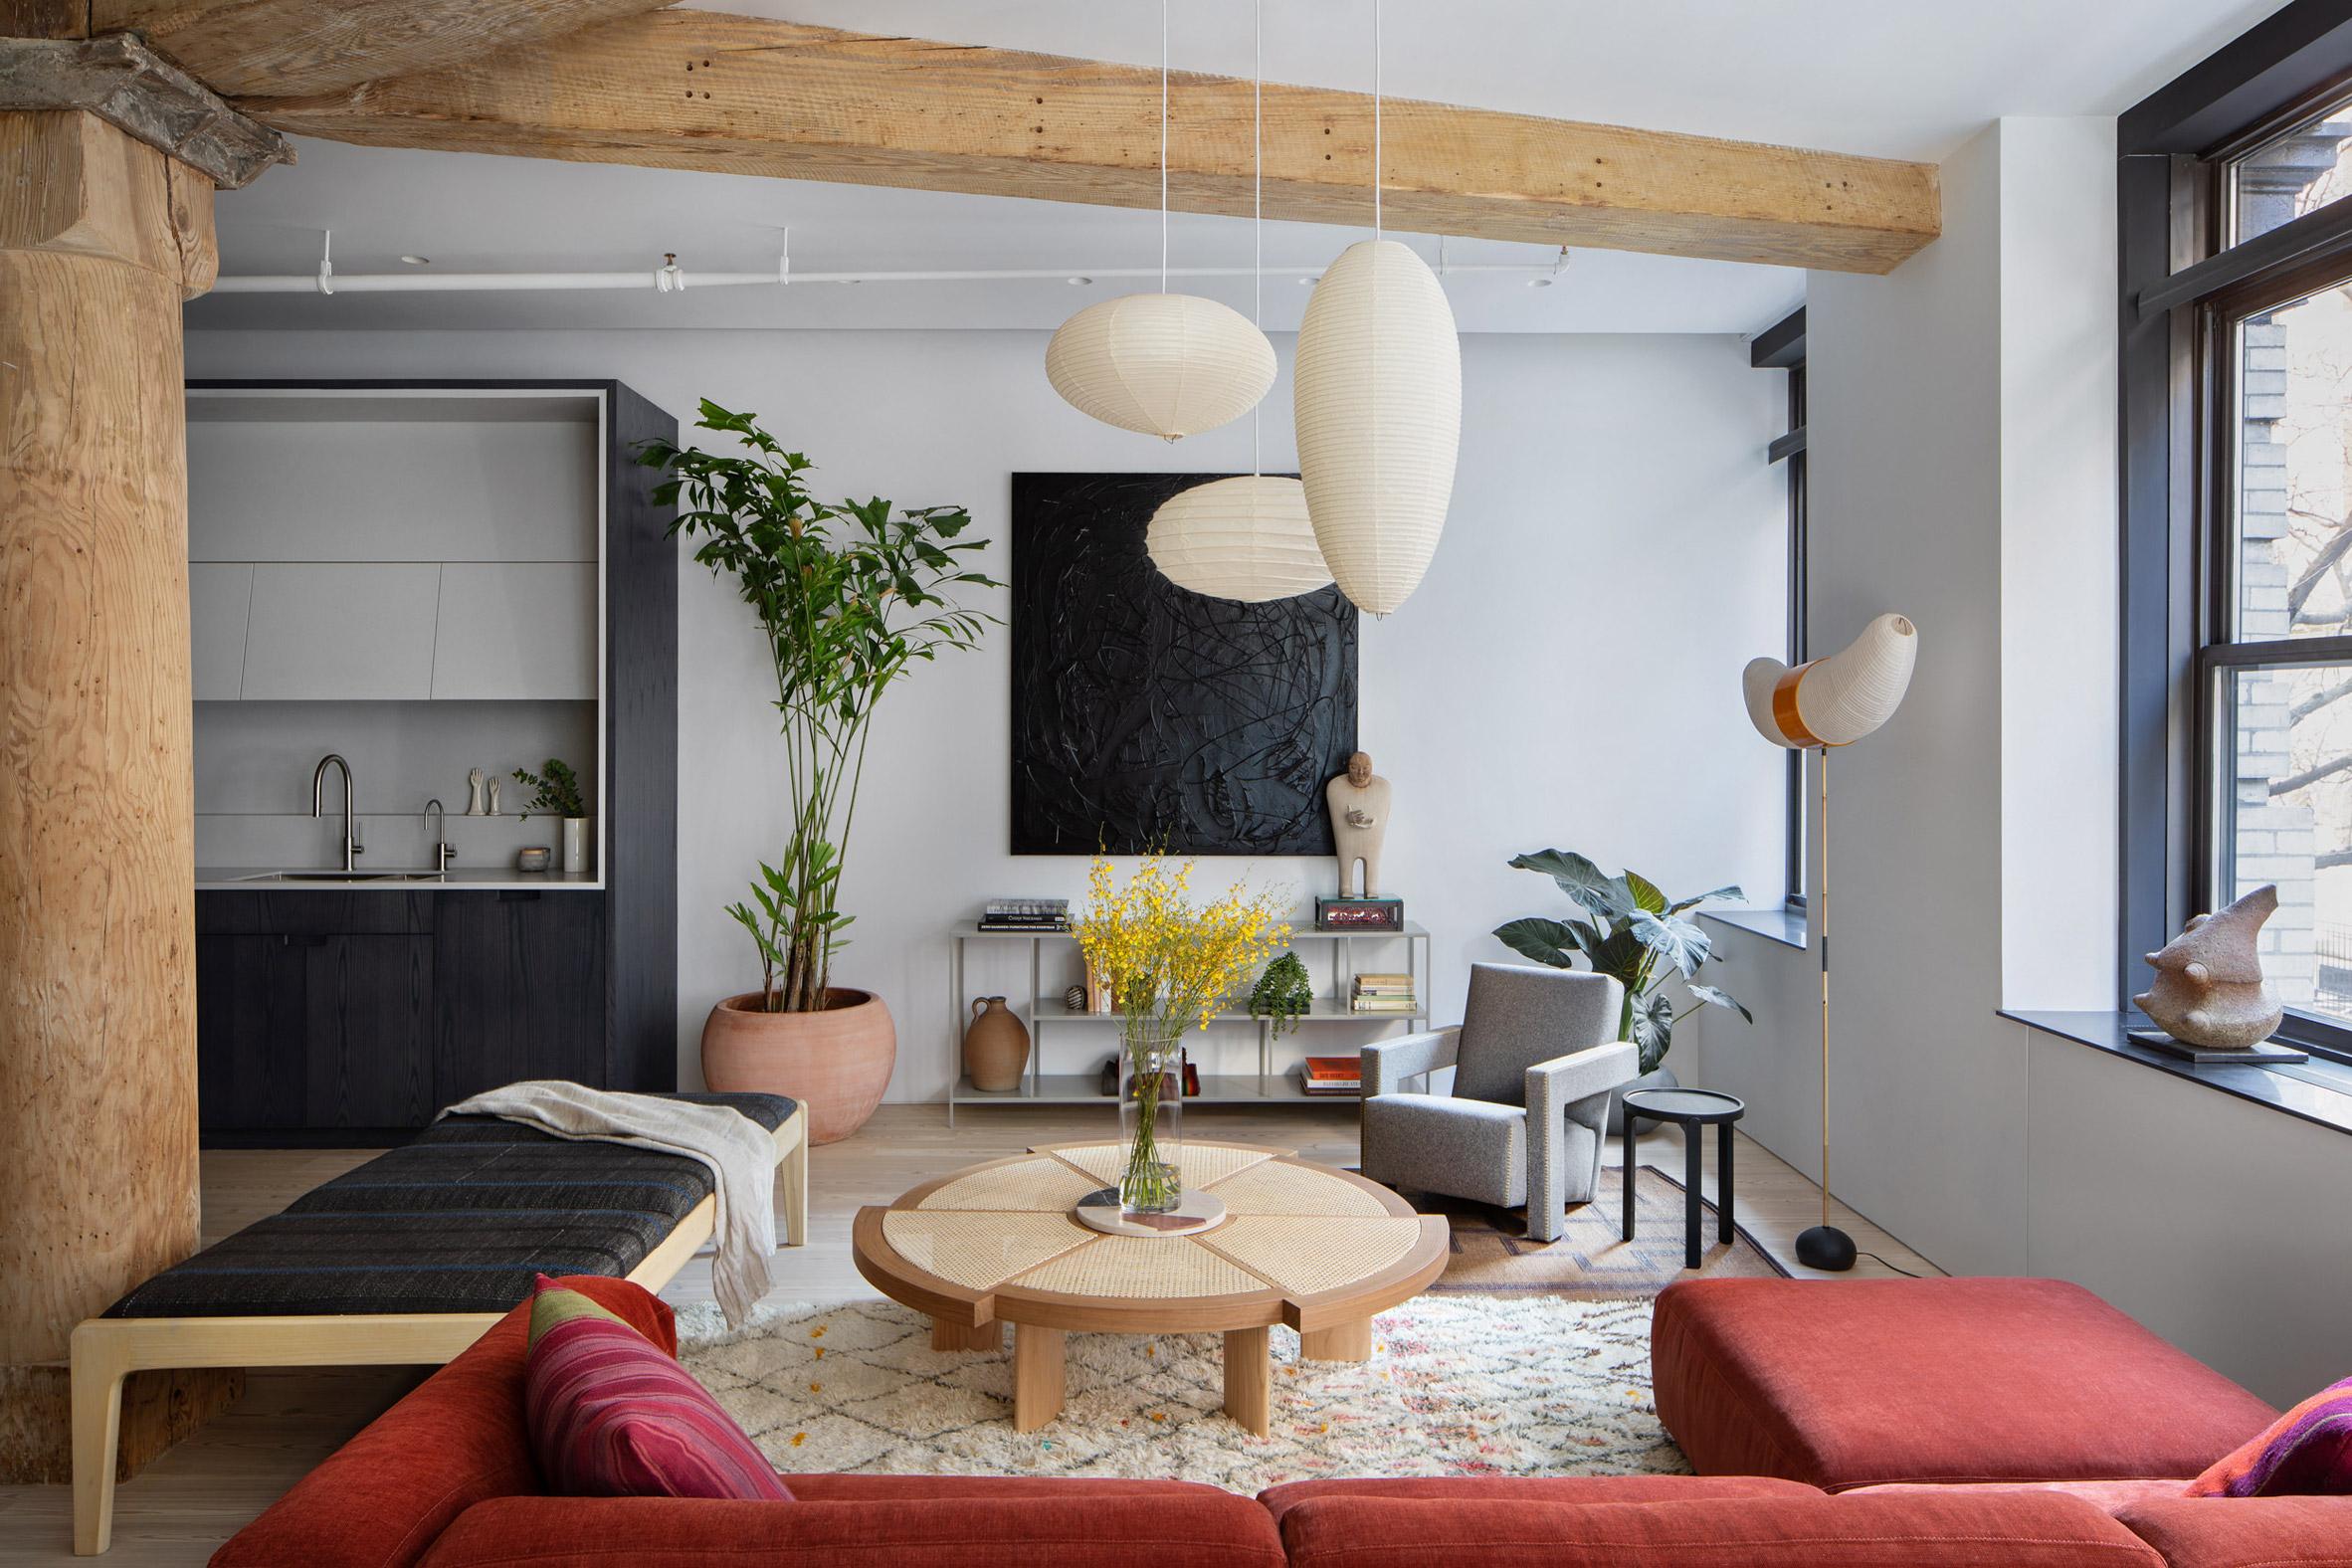 Kết hợp Gỗ và Đá Cẩm Thạch trong thiết kế kiến trúc nội thất 4